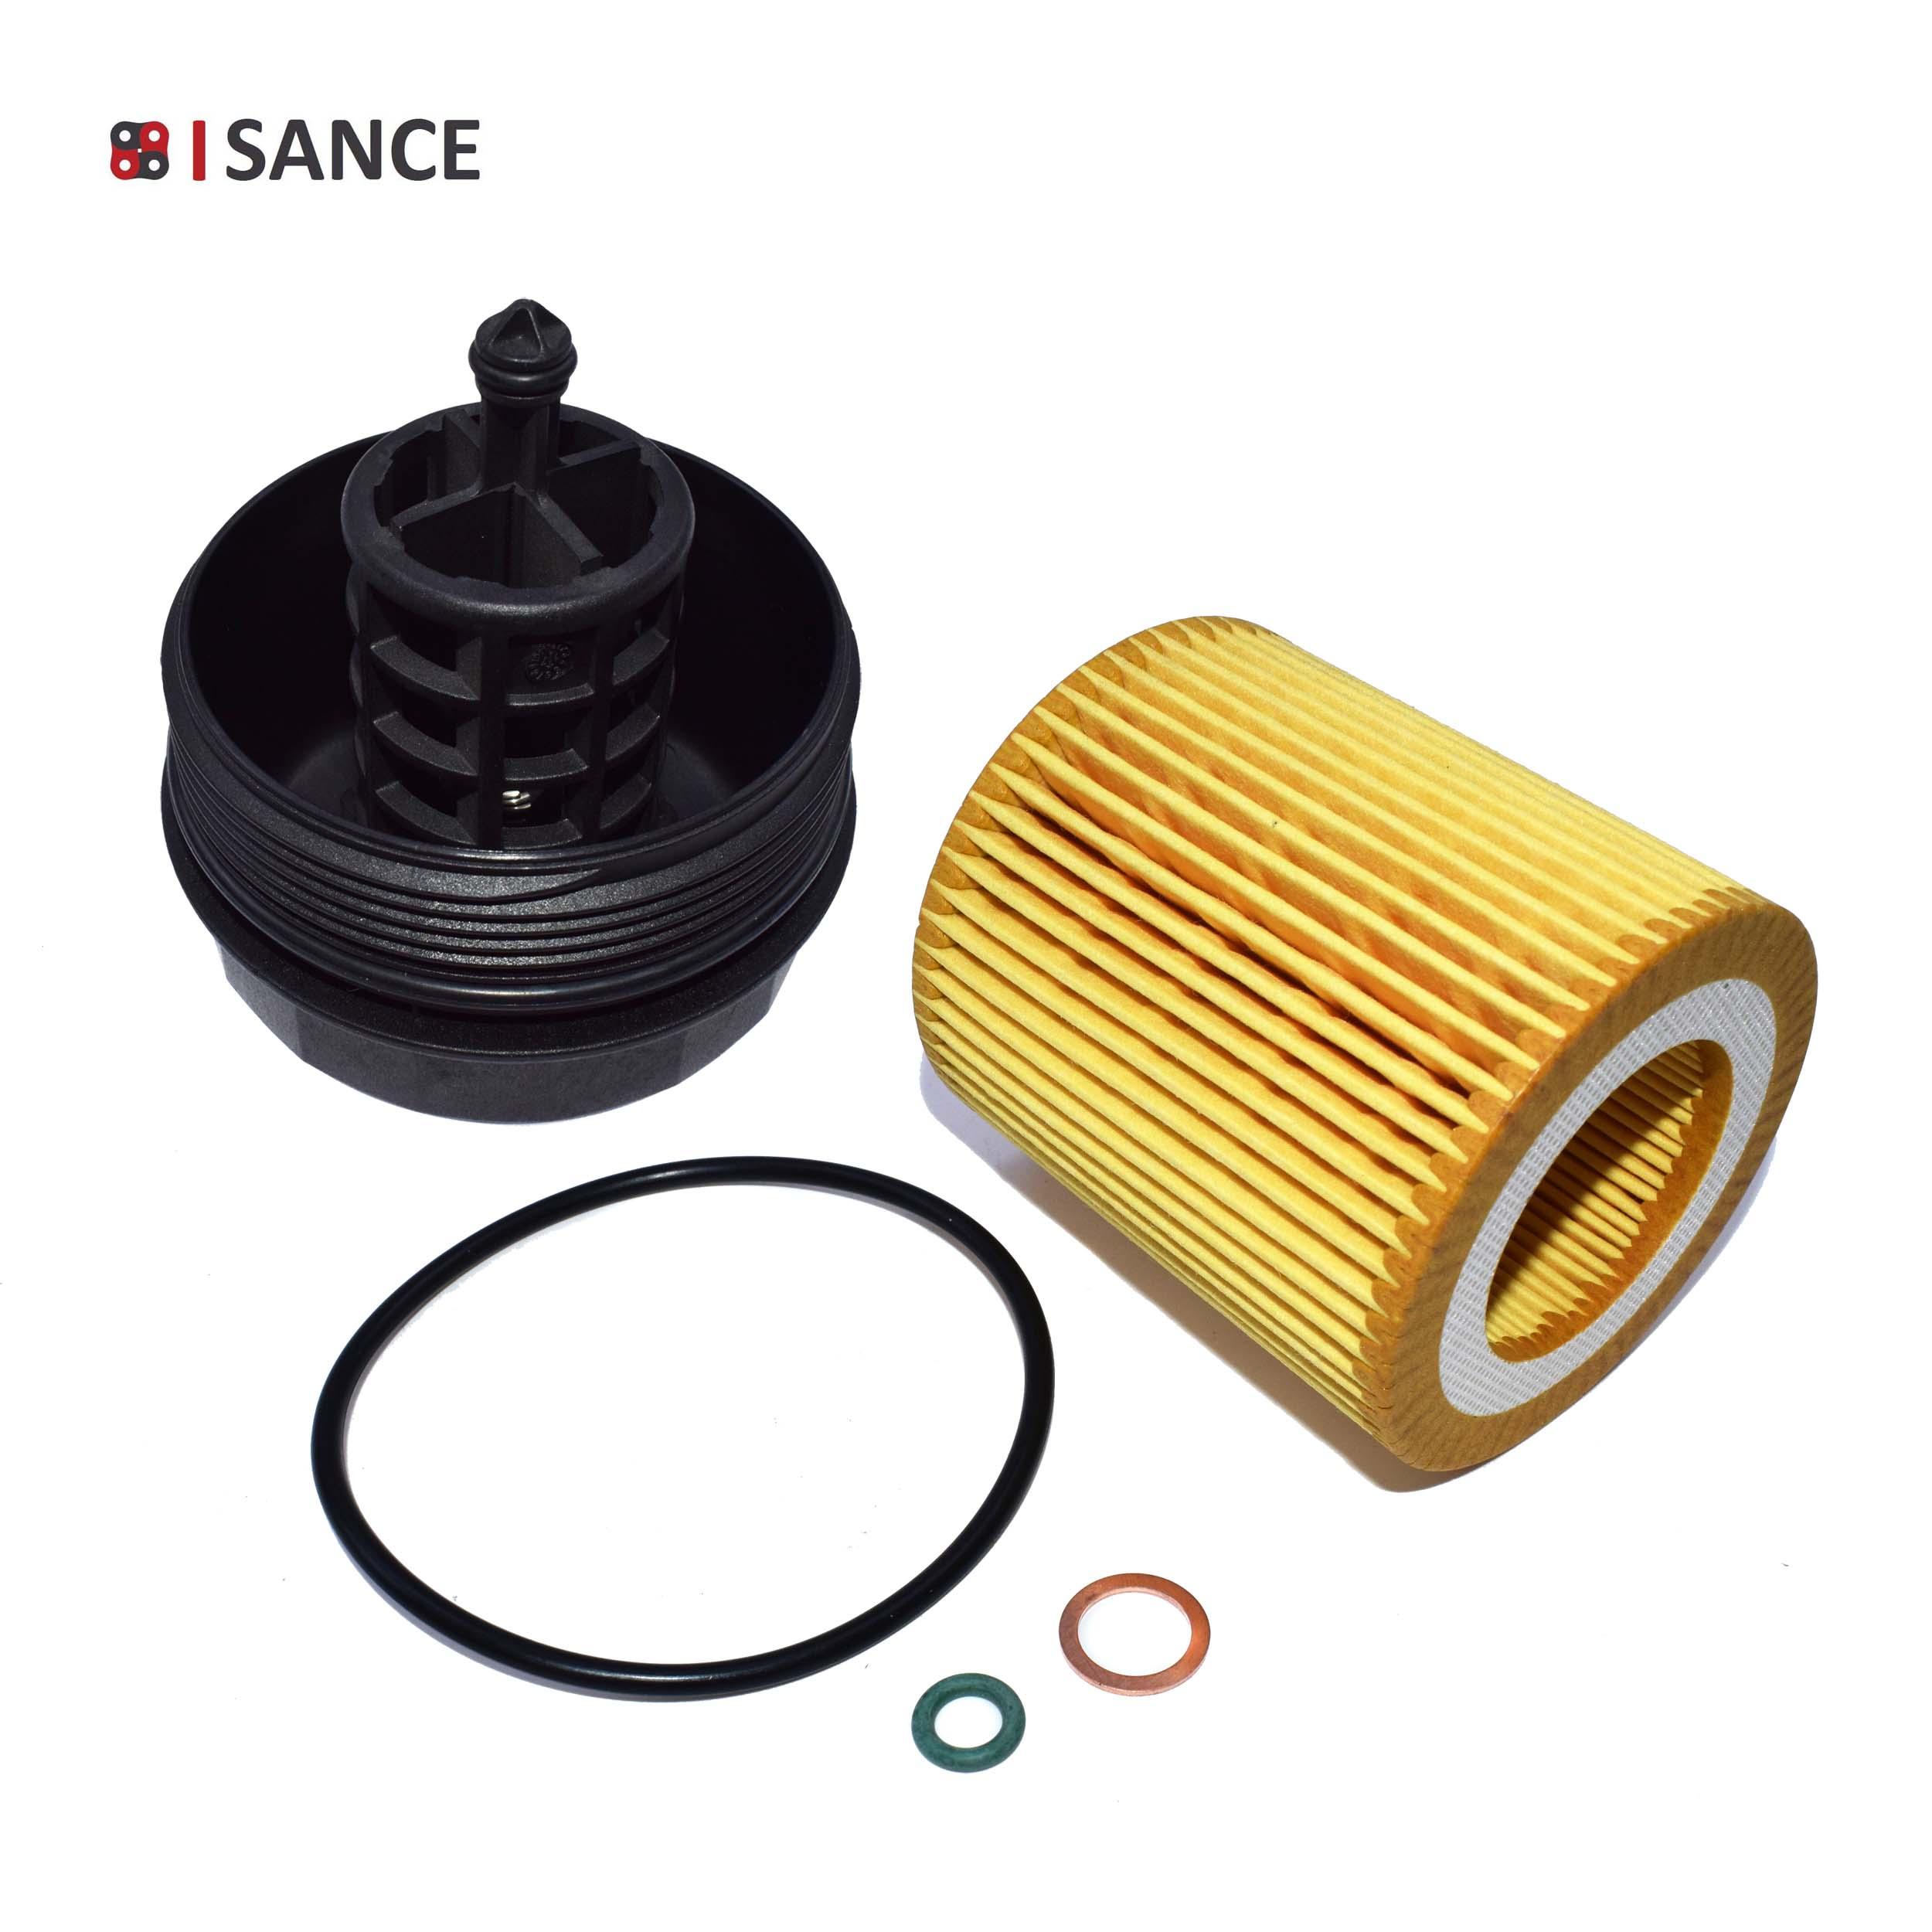 OEM# 11-42-7-537-293 Oil Filter Stand Gasket for BMW 128i 135i 228i 323i 325i